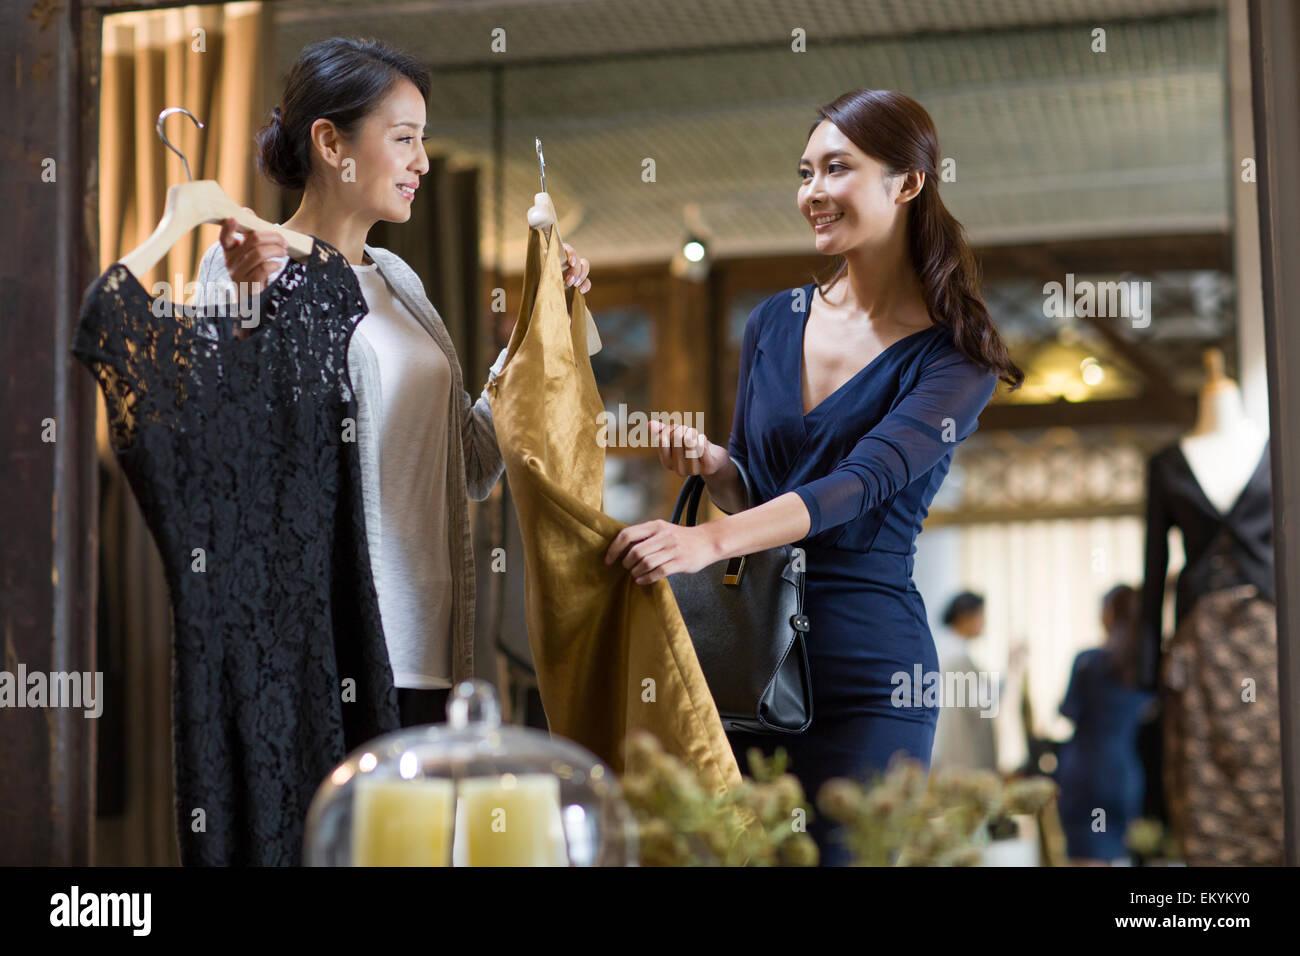 Kleidung Shop Besitzer helfen Kunden mit Wahl Kleid Stockbild